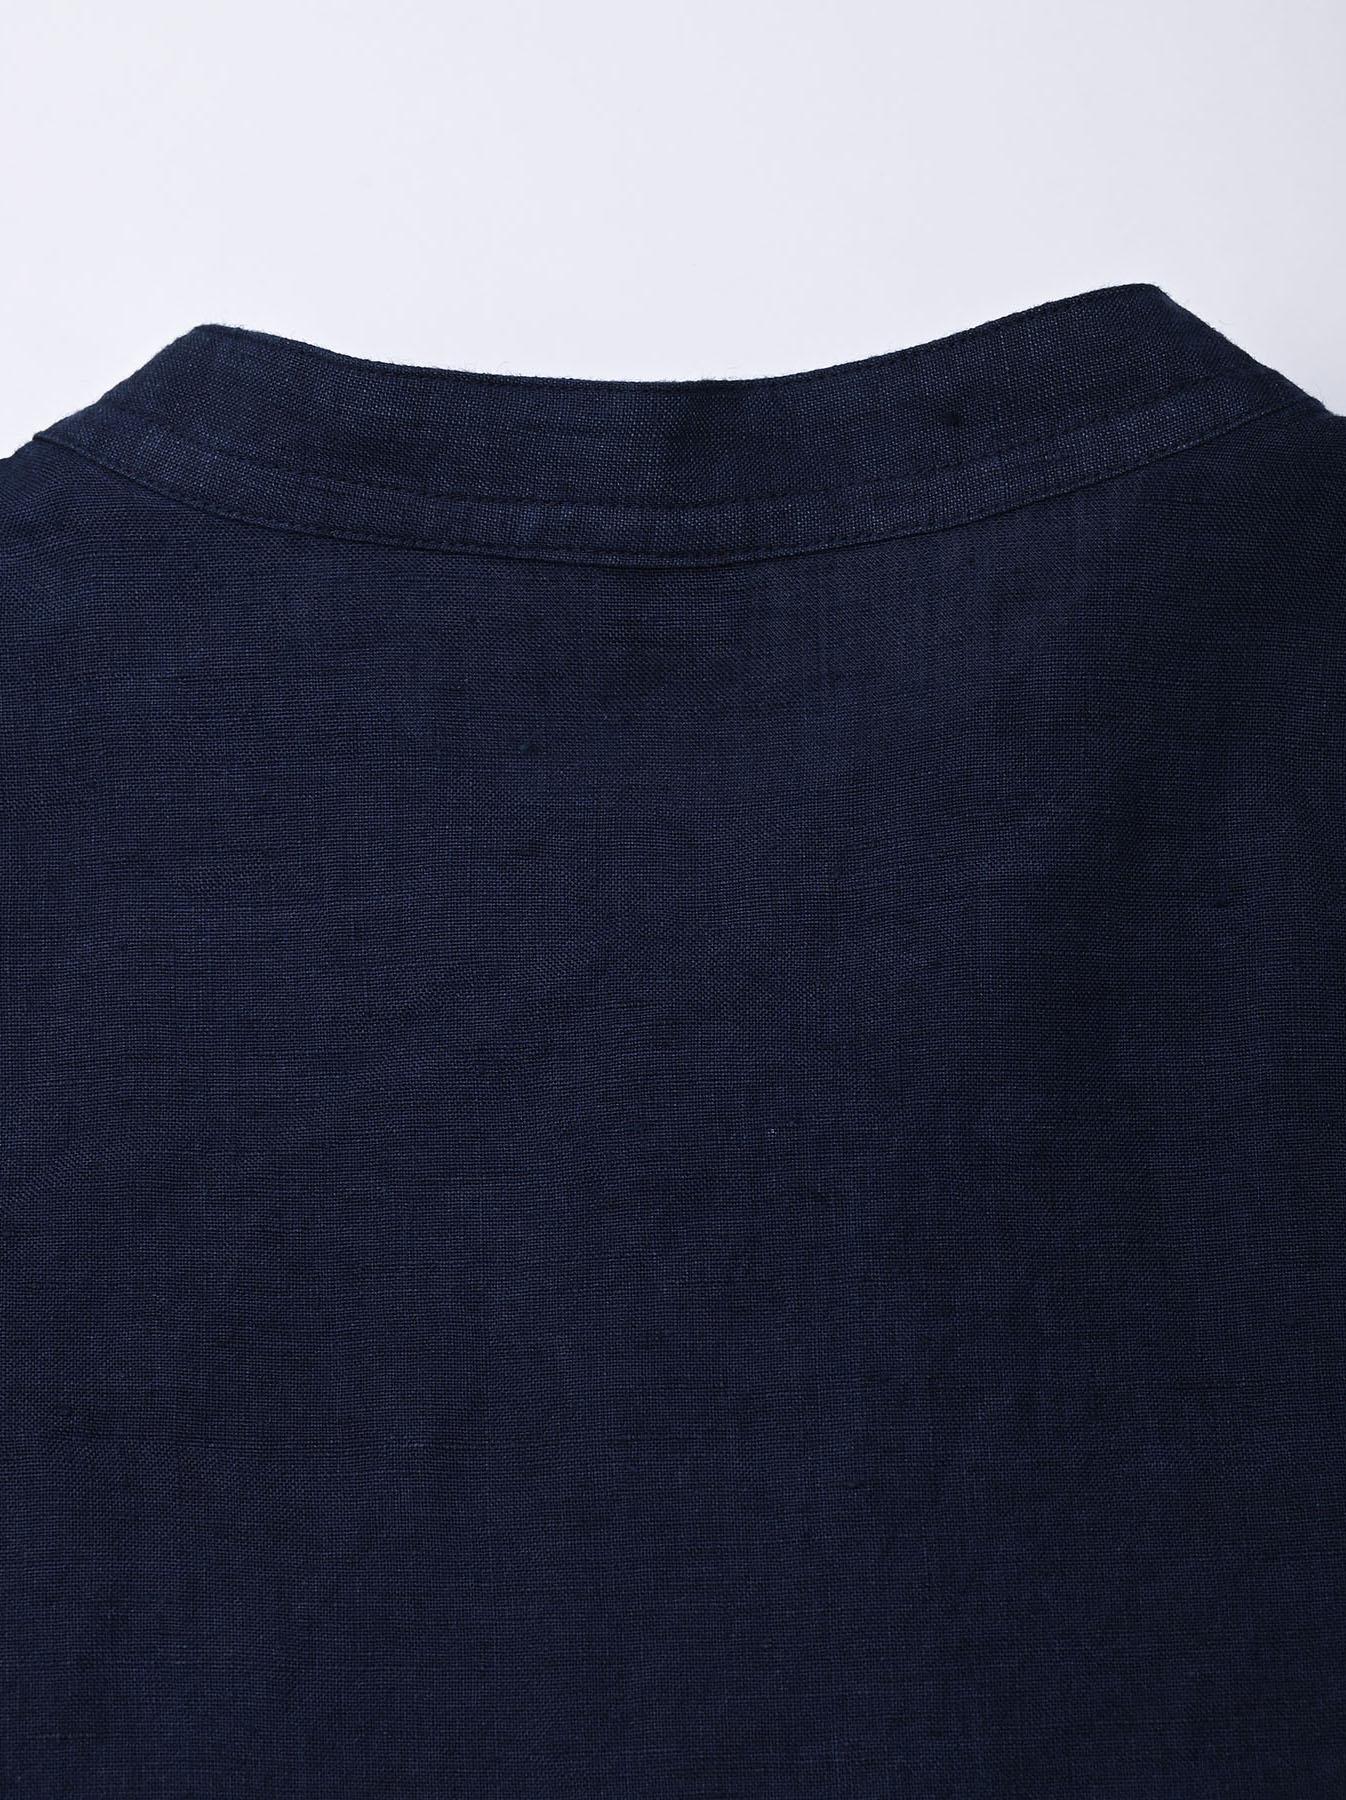 Indigo Indian Linen Flat Big Shirt (0521)-12